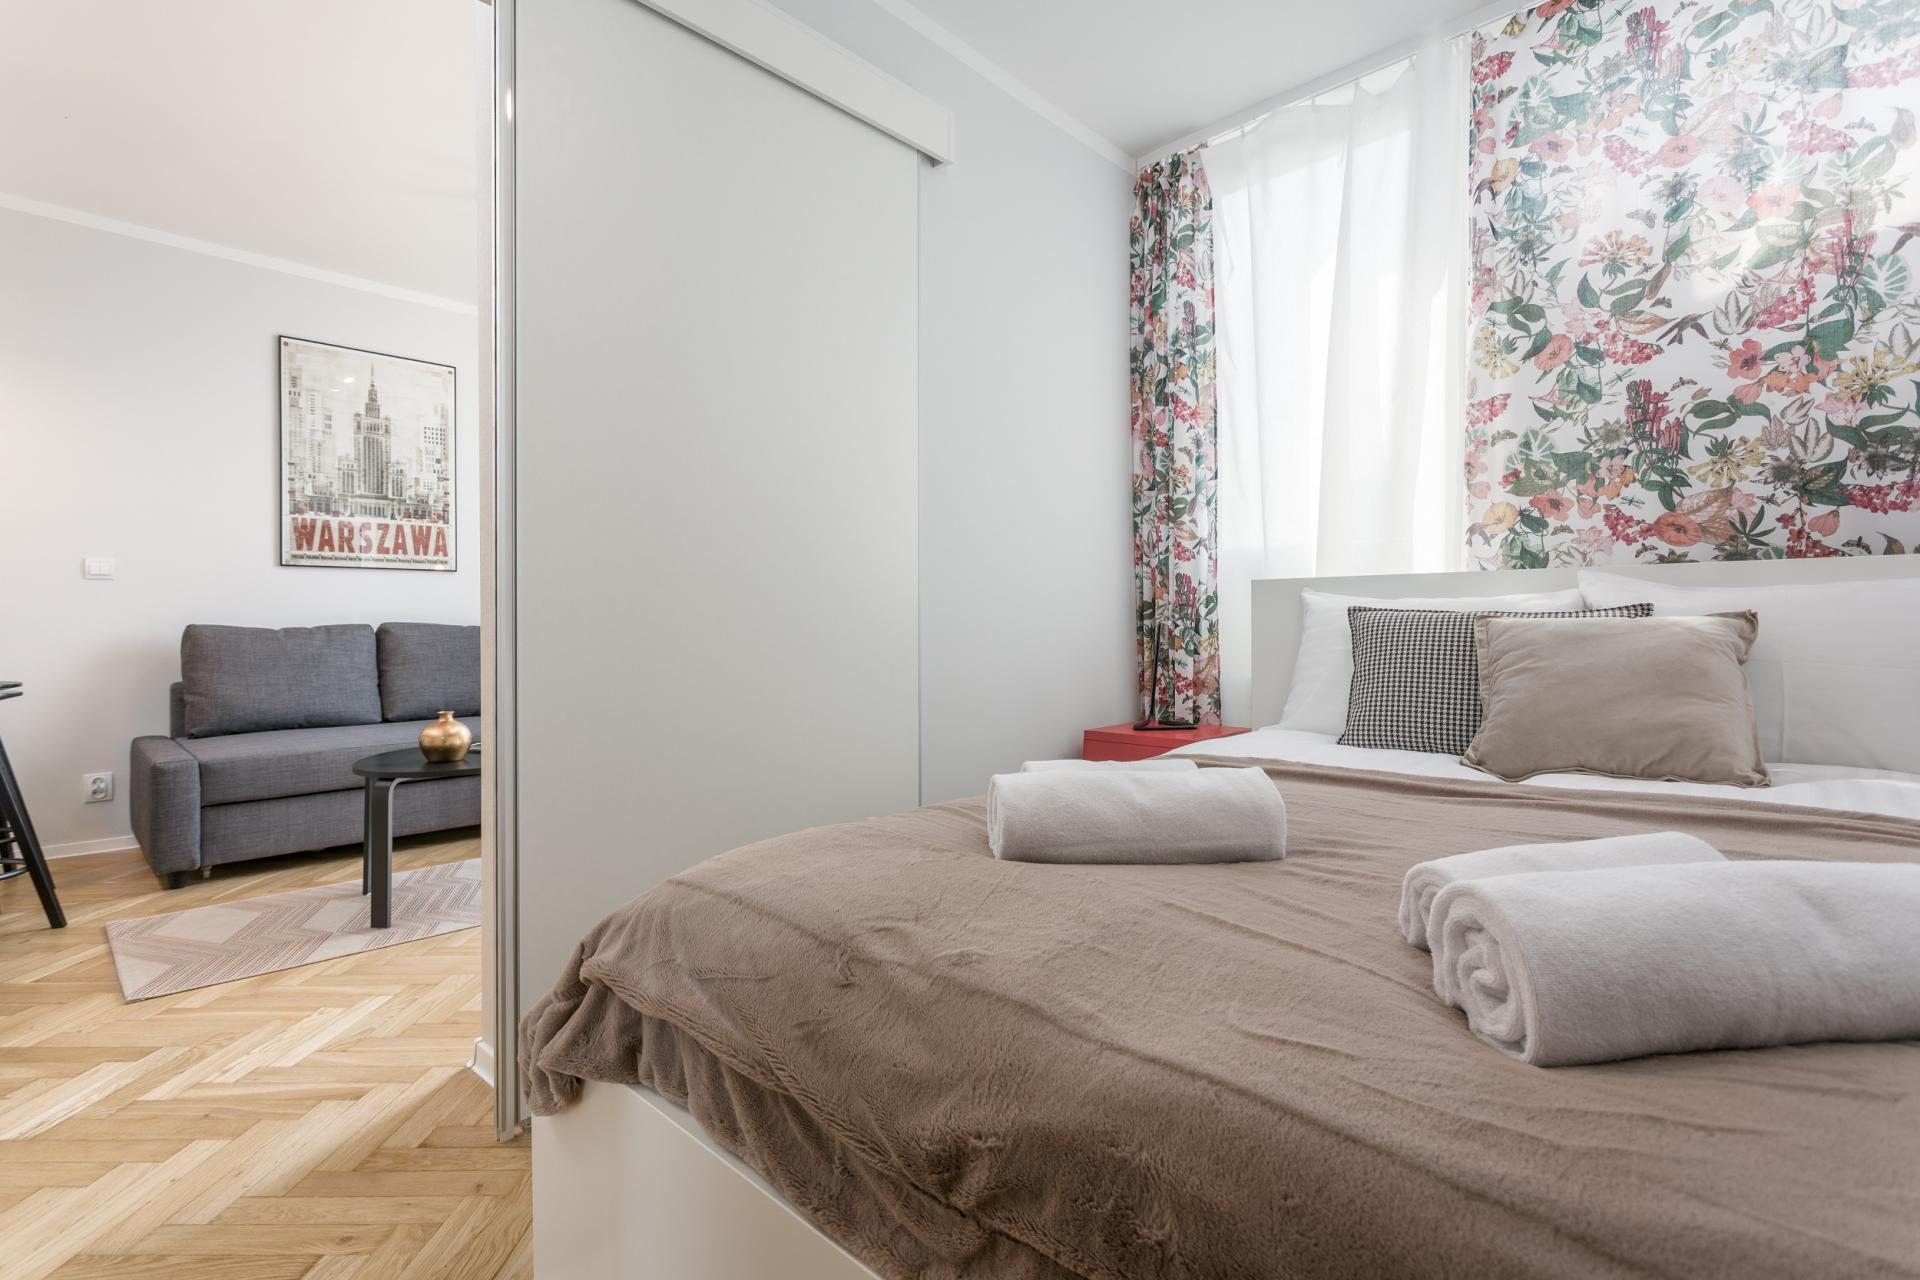 Bedroom at Grzybowska Apartment